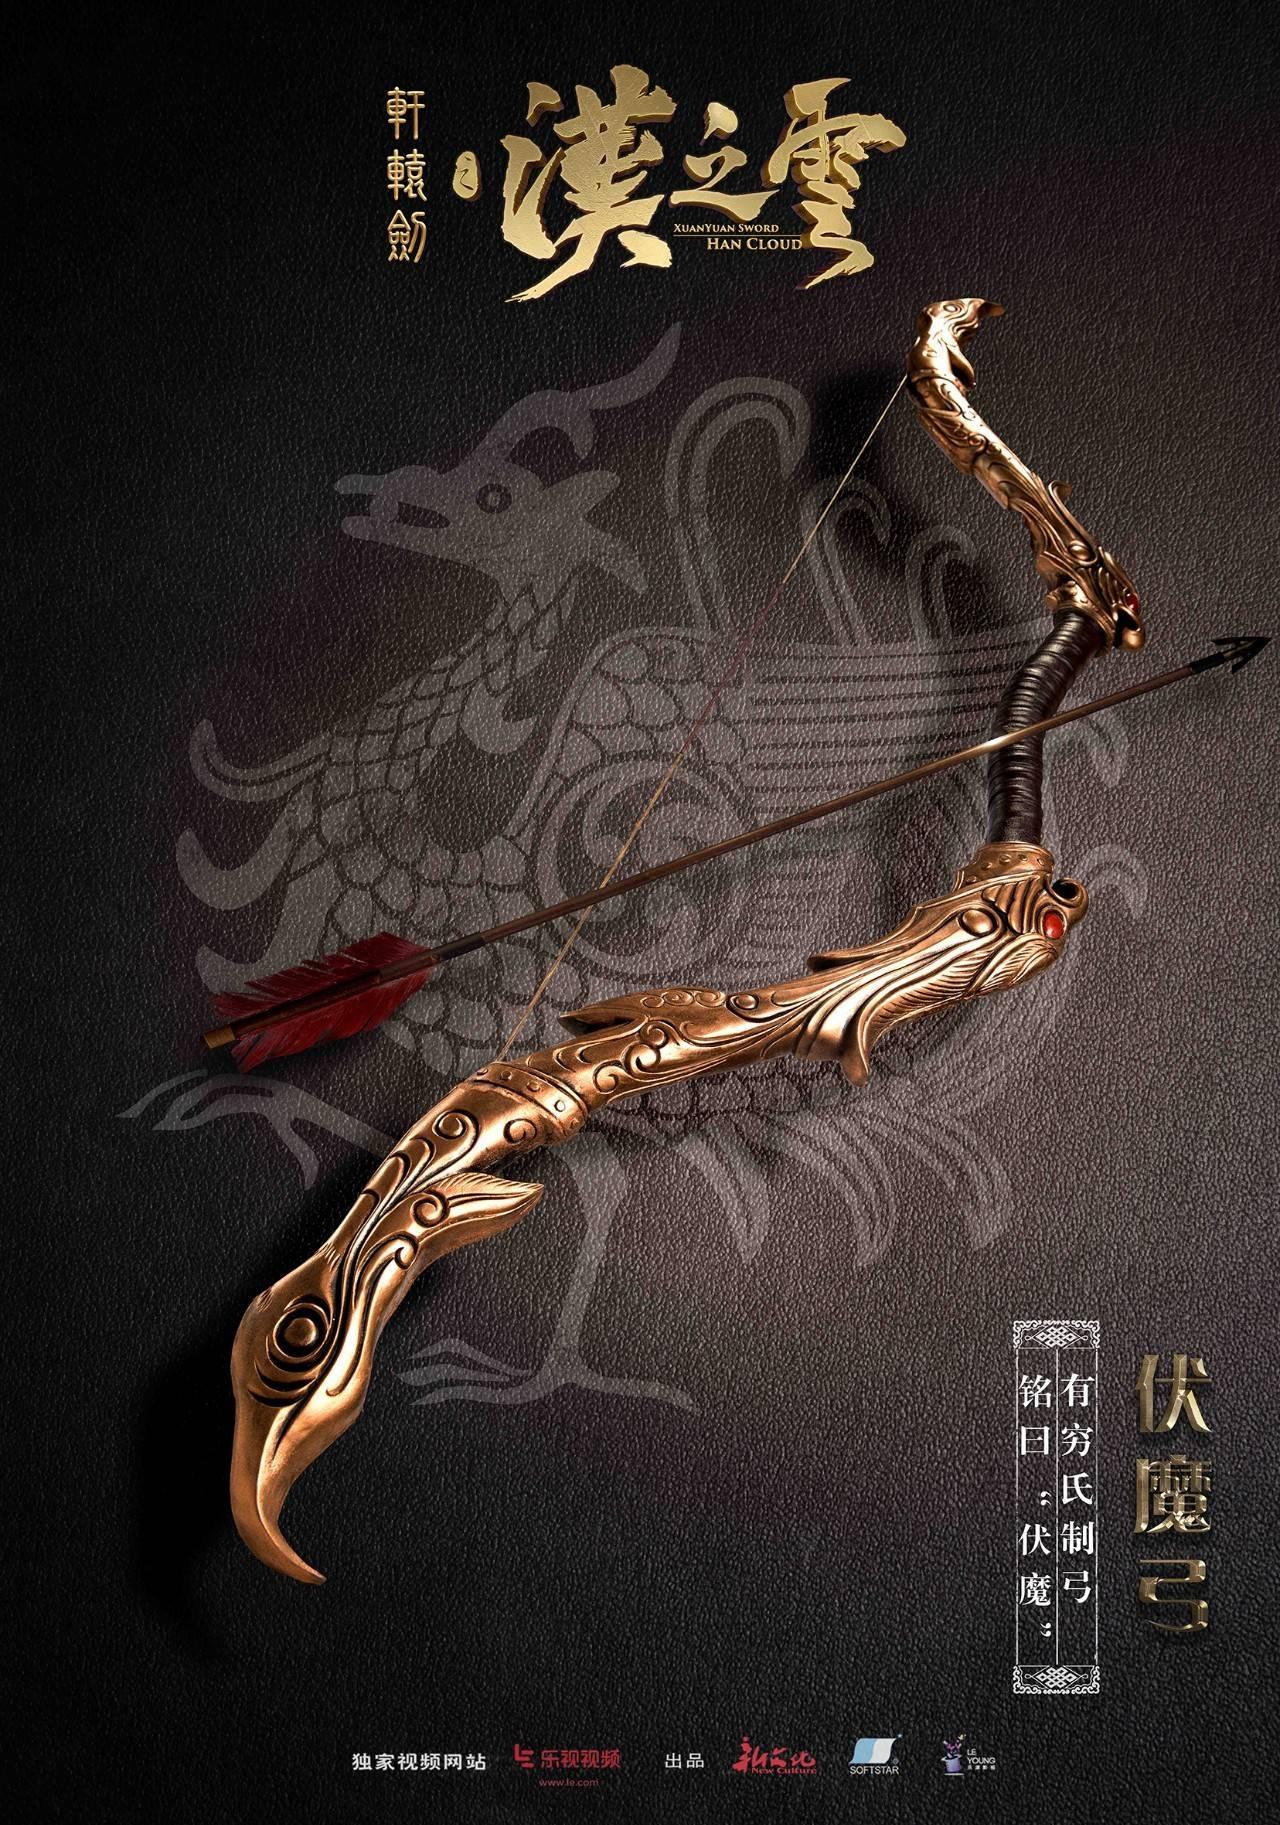 兵器破次元而来,《轩辕剑汉之云》凸显诚品大剧质感